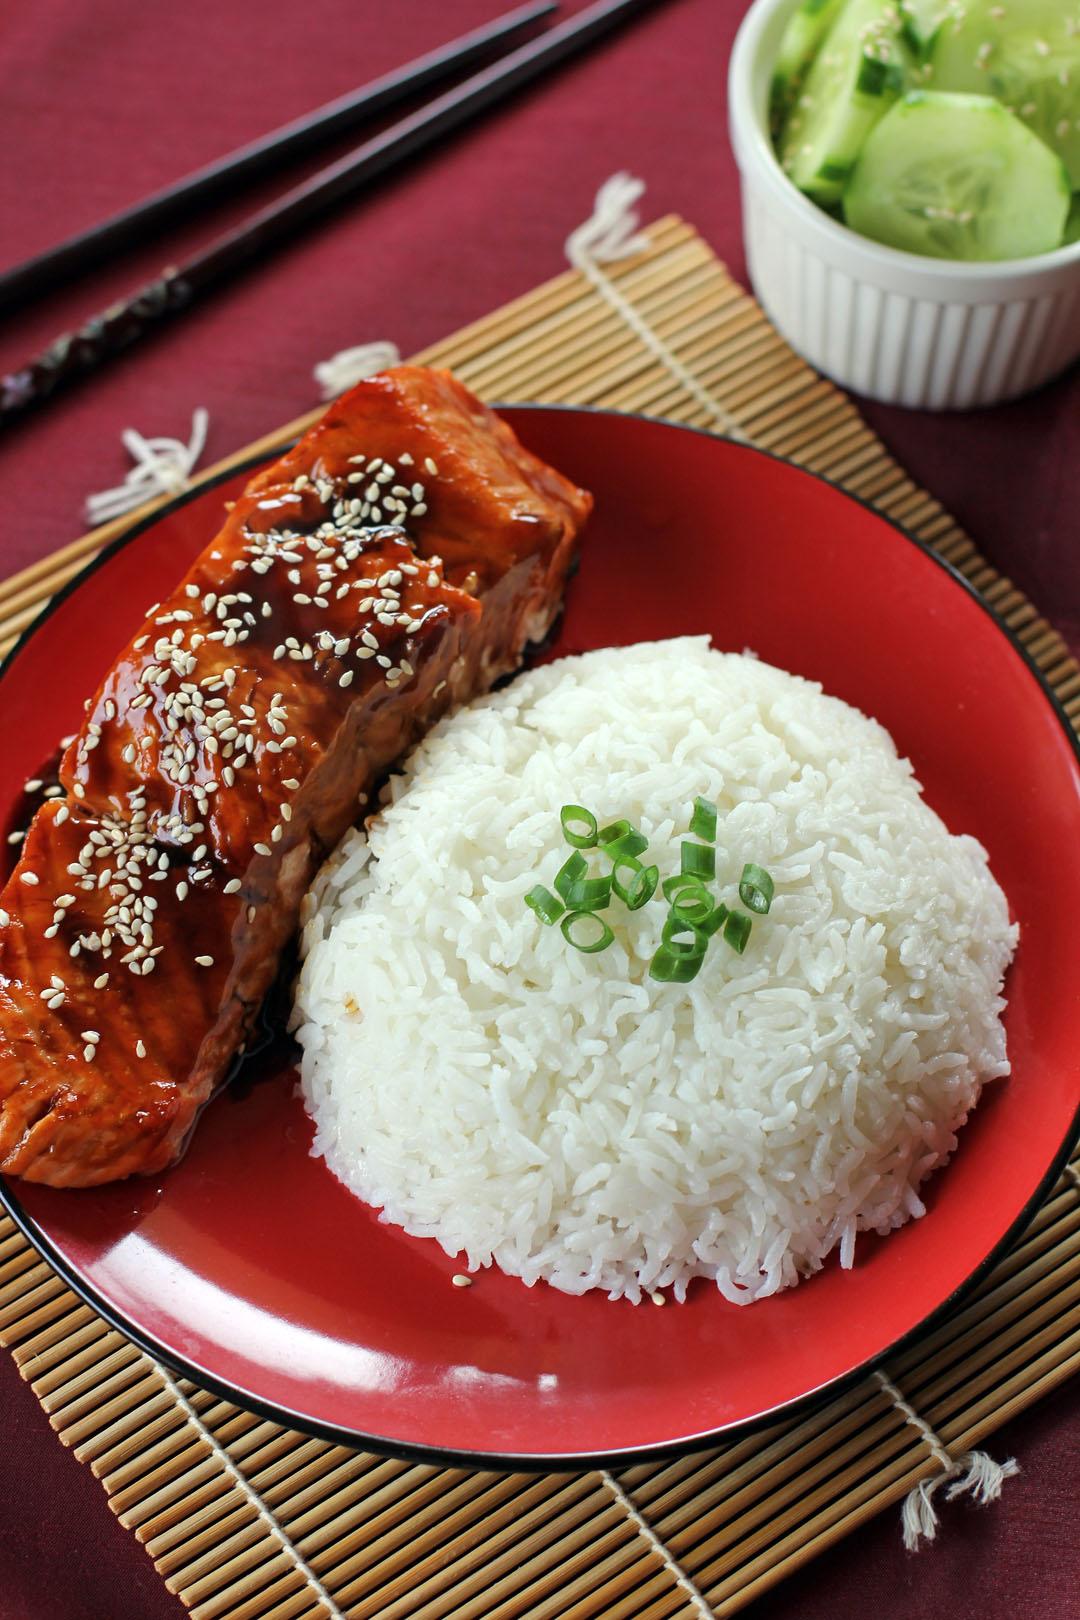 https://i0.wp.com/angsarap.net/wp-content/uploads/2013/10/salmon-teriyaki.jpg